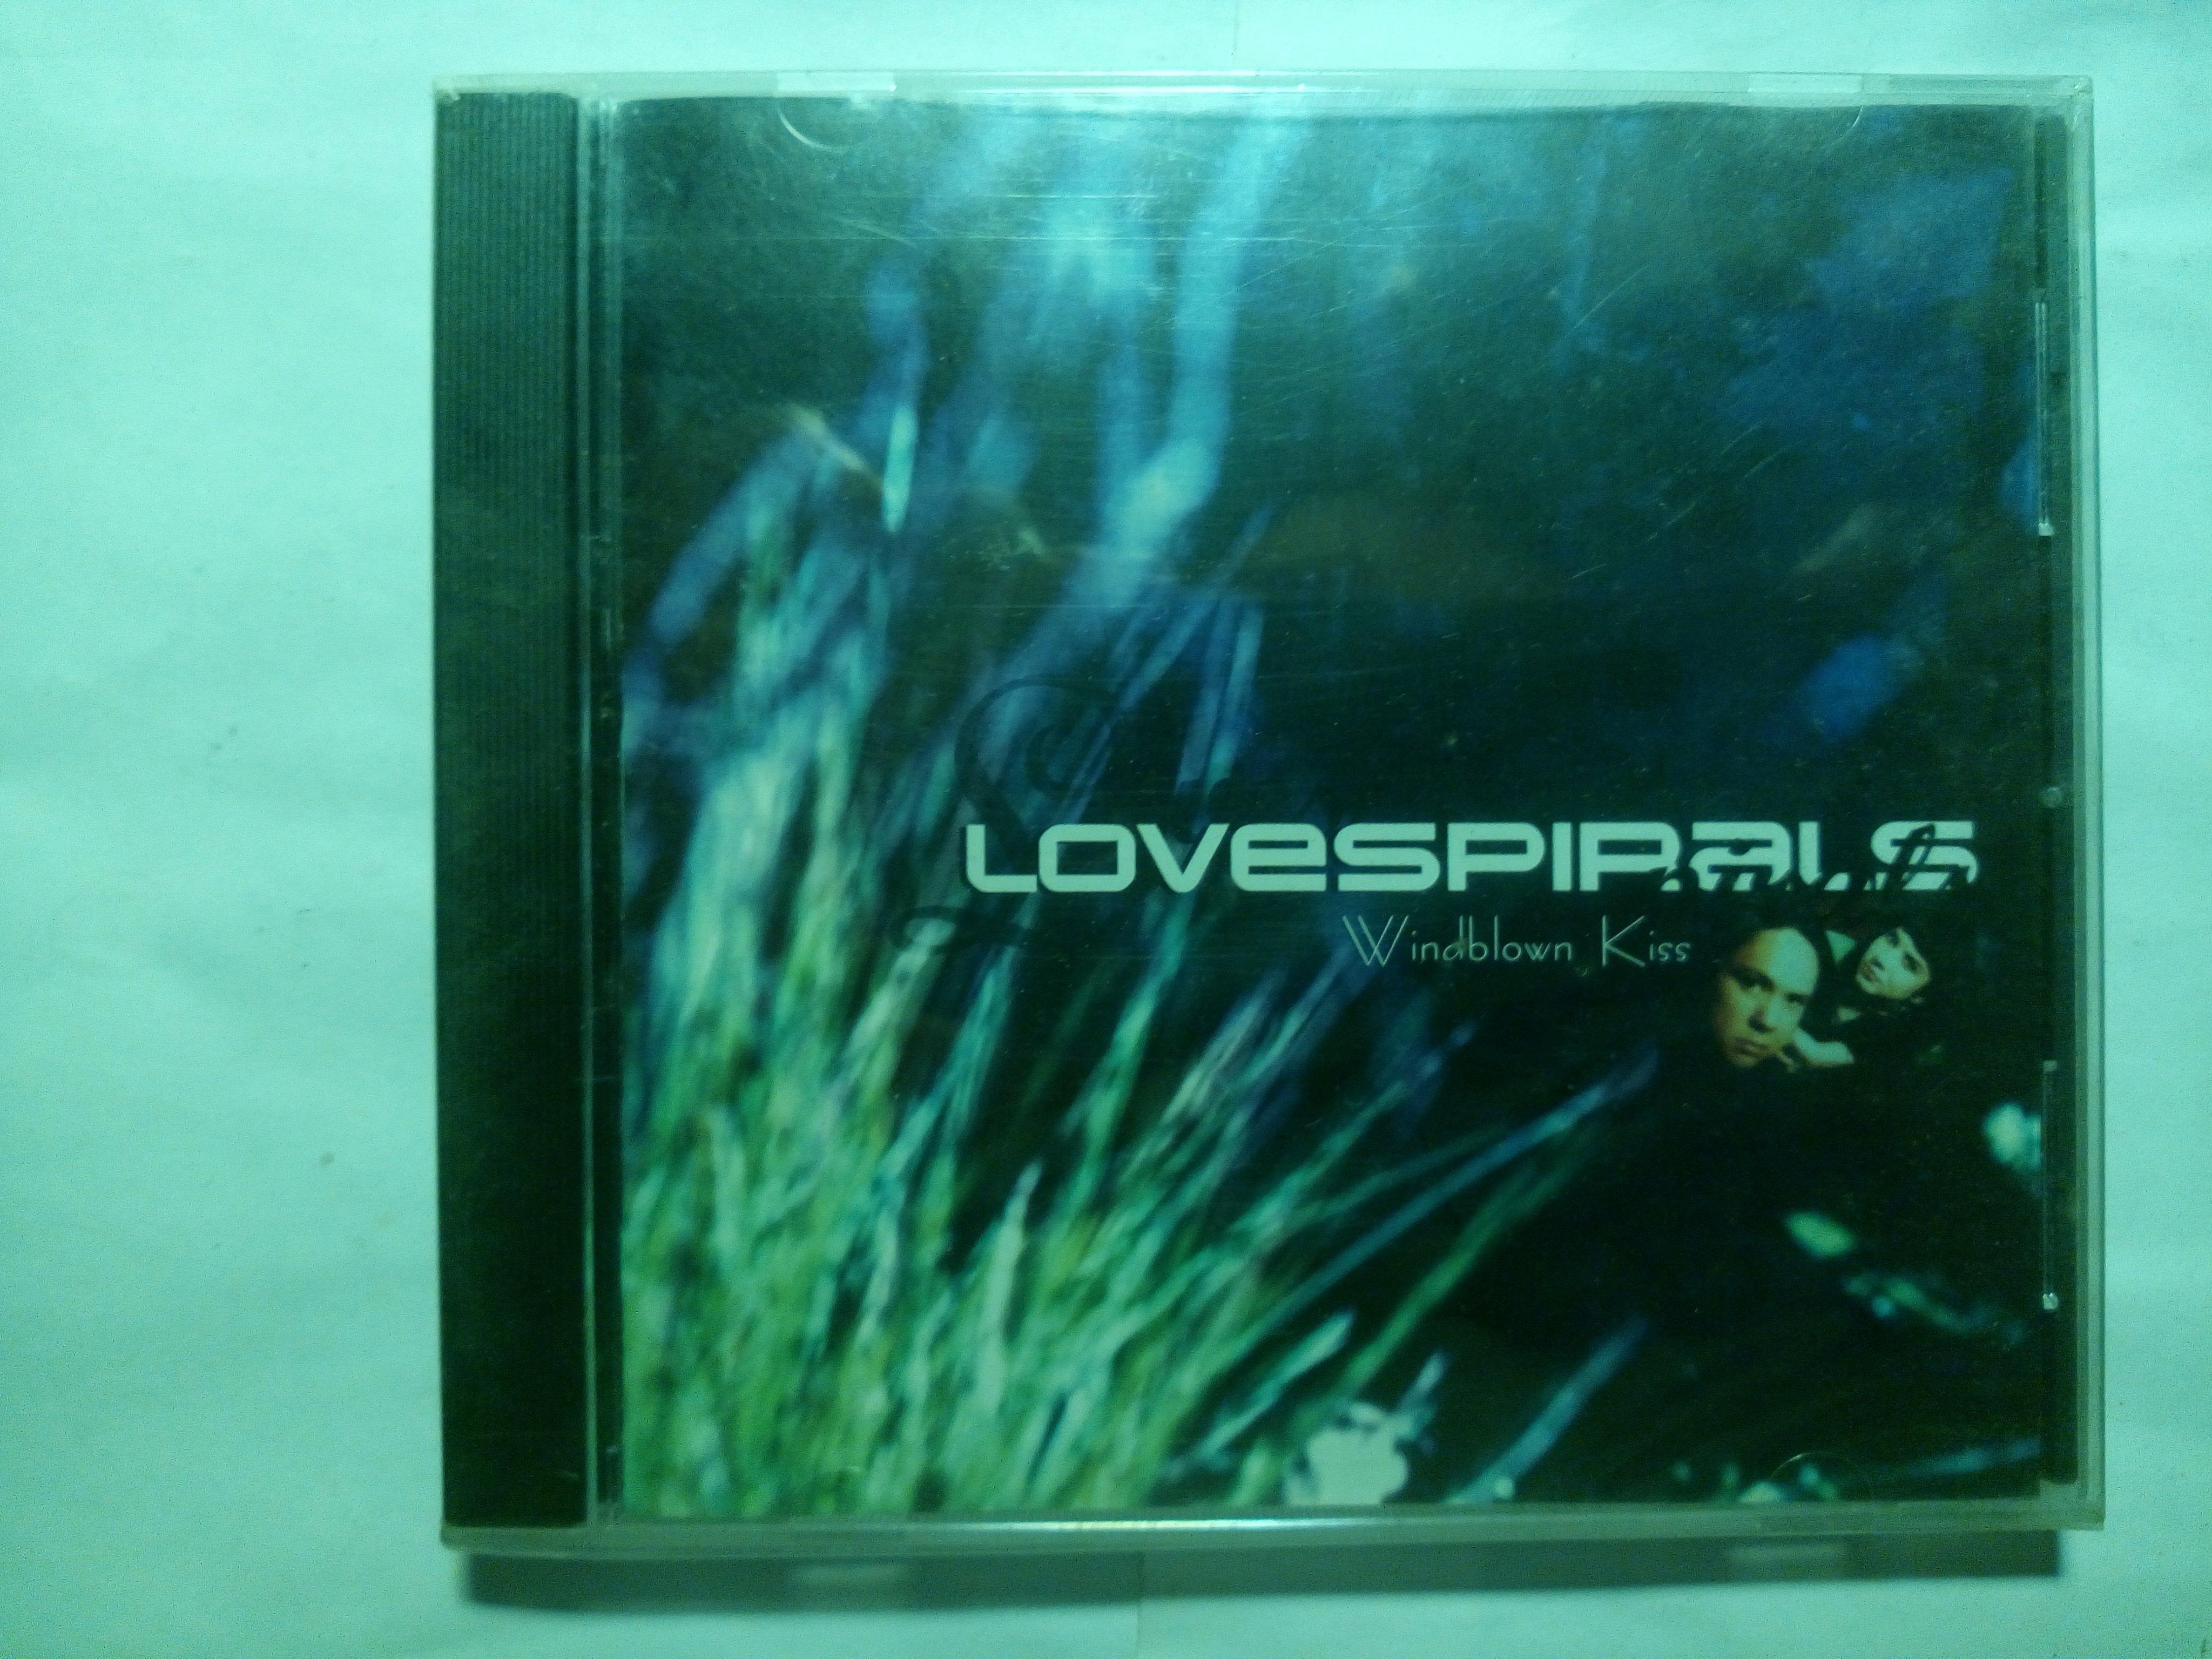 縮寫LSD的Love Spirals Downwards二代團Lovespirals Windblown Kiss CD